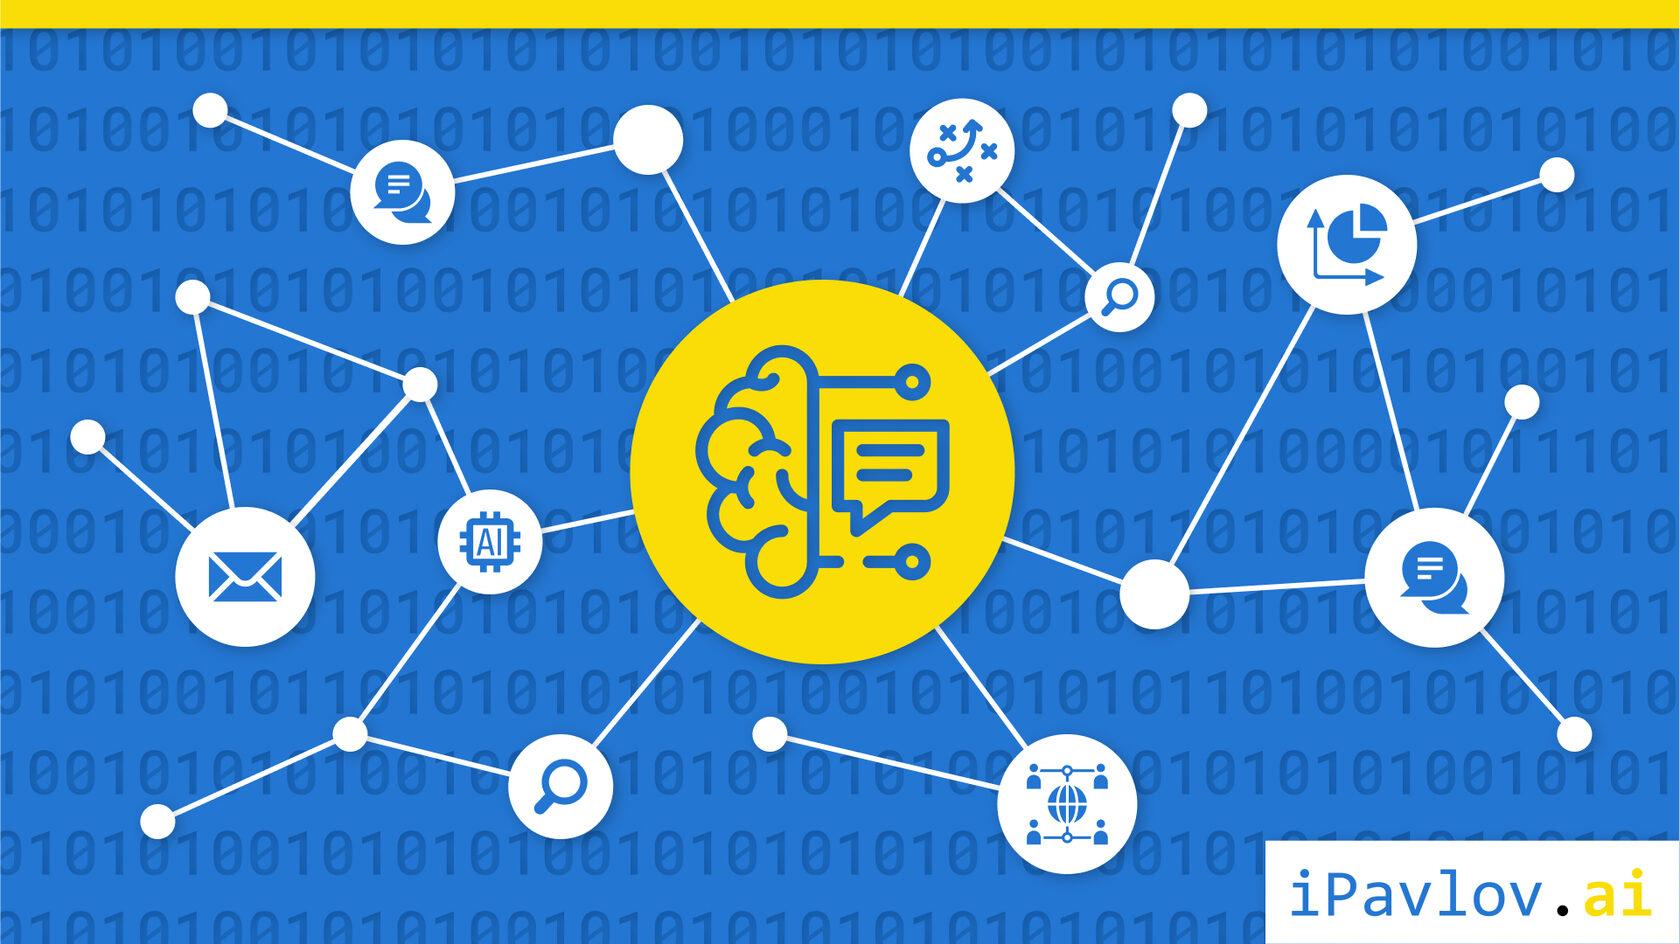 иллюстрация по построению графа знаний по диалогам с клиентами банка